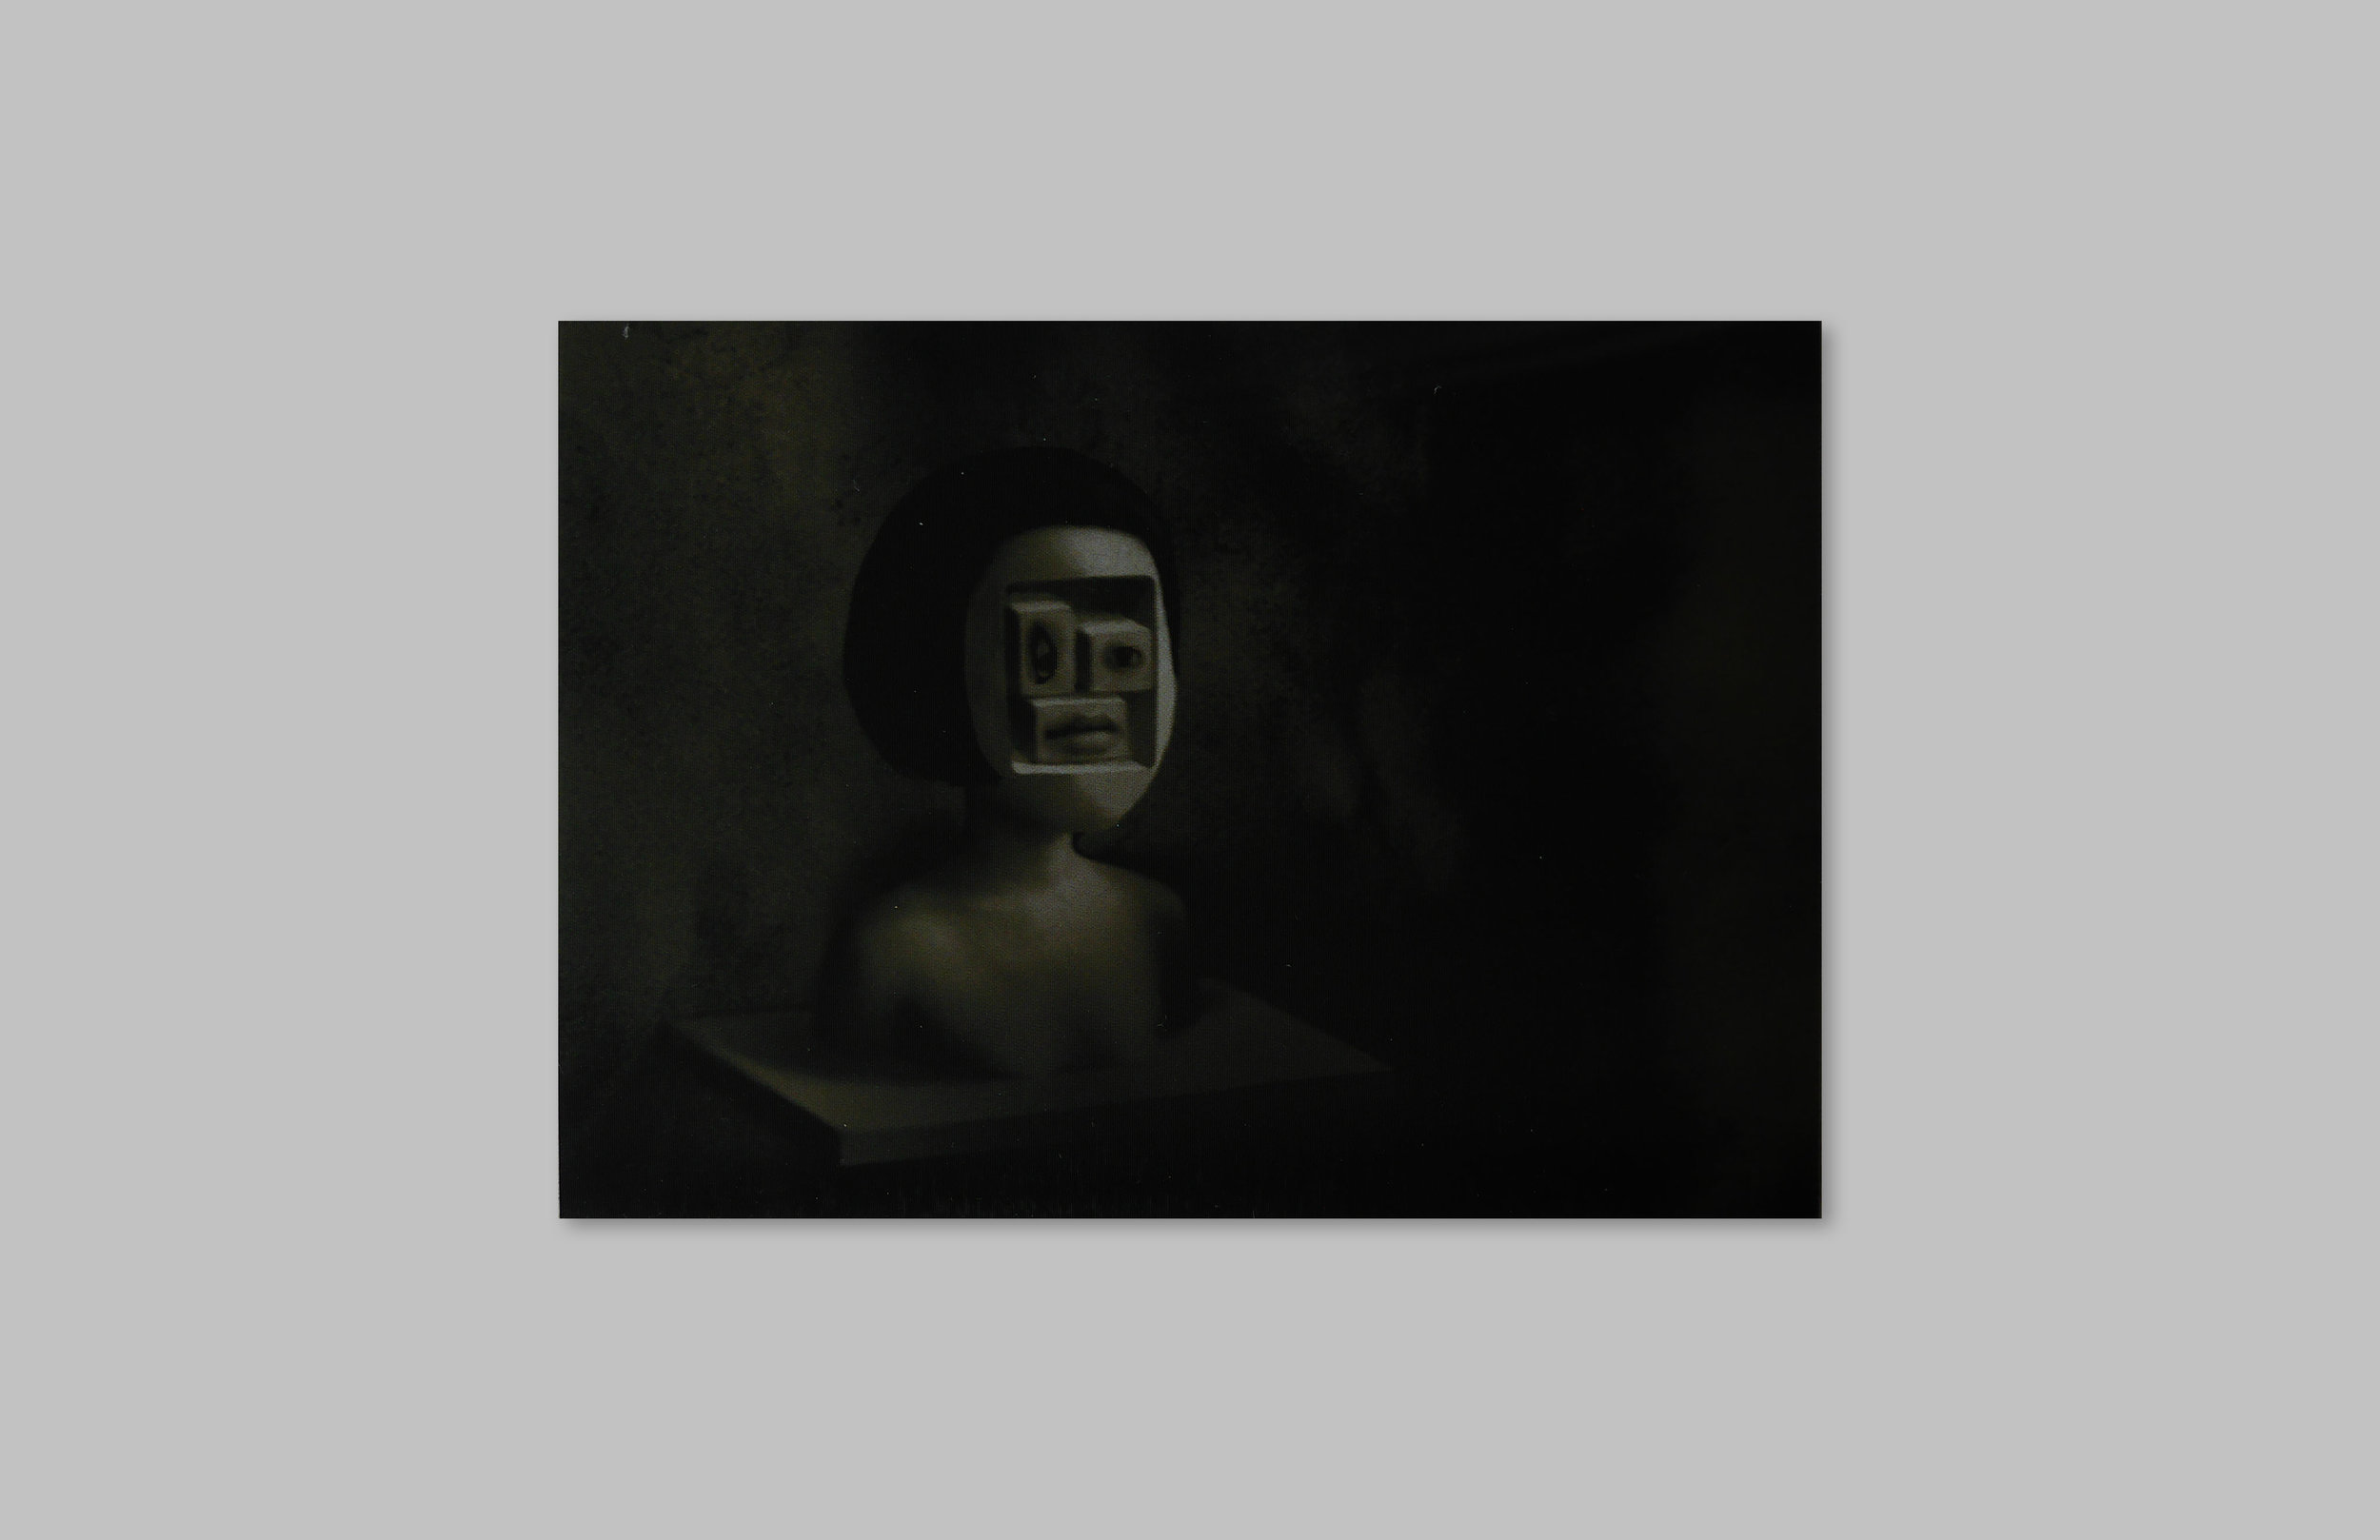 sample-postcard-photo-b-v02.jpg